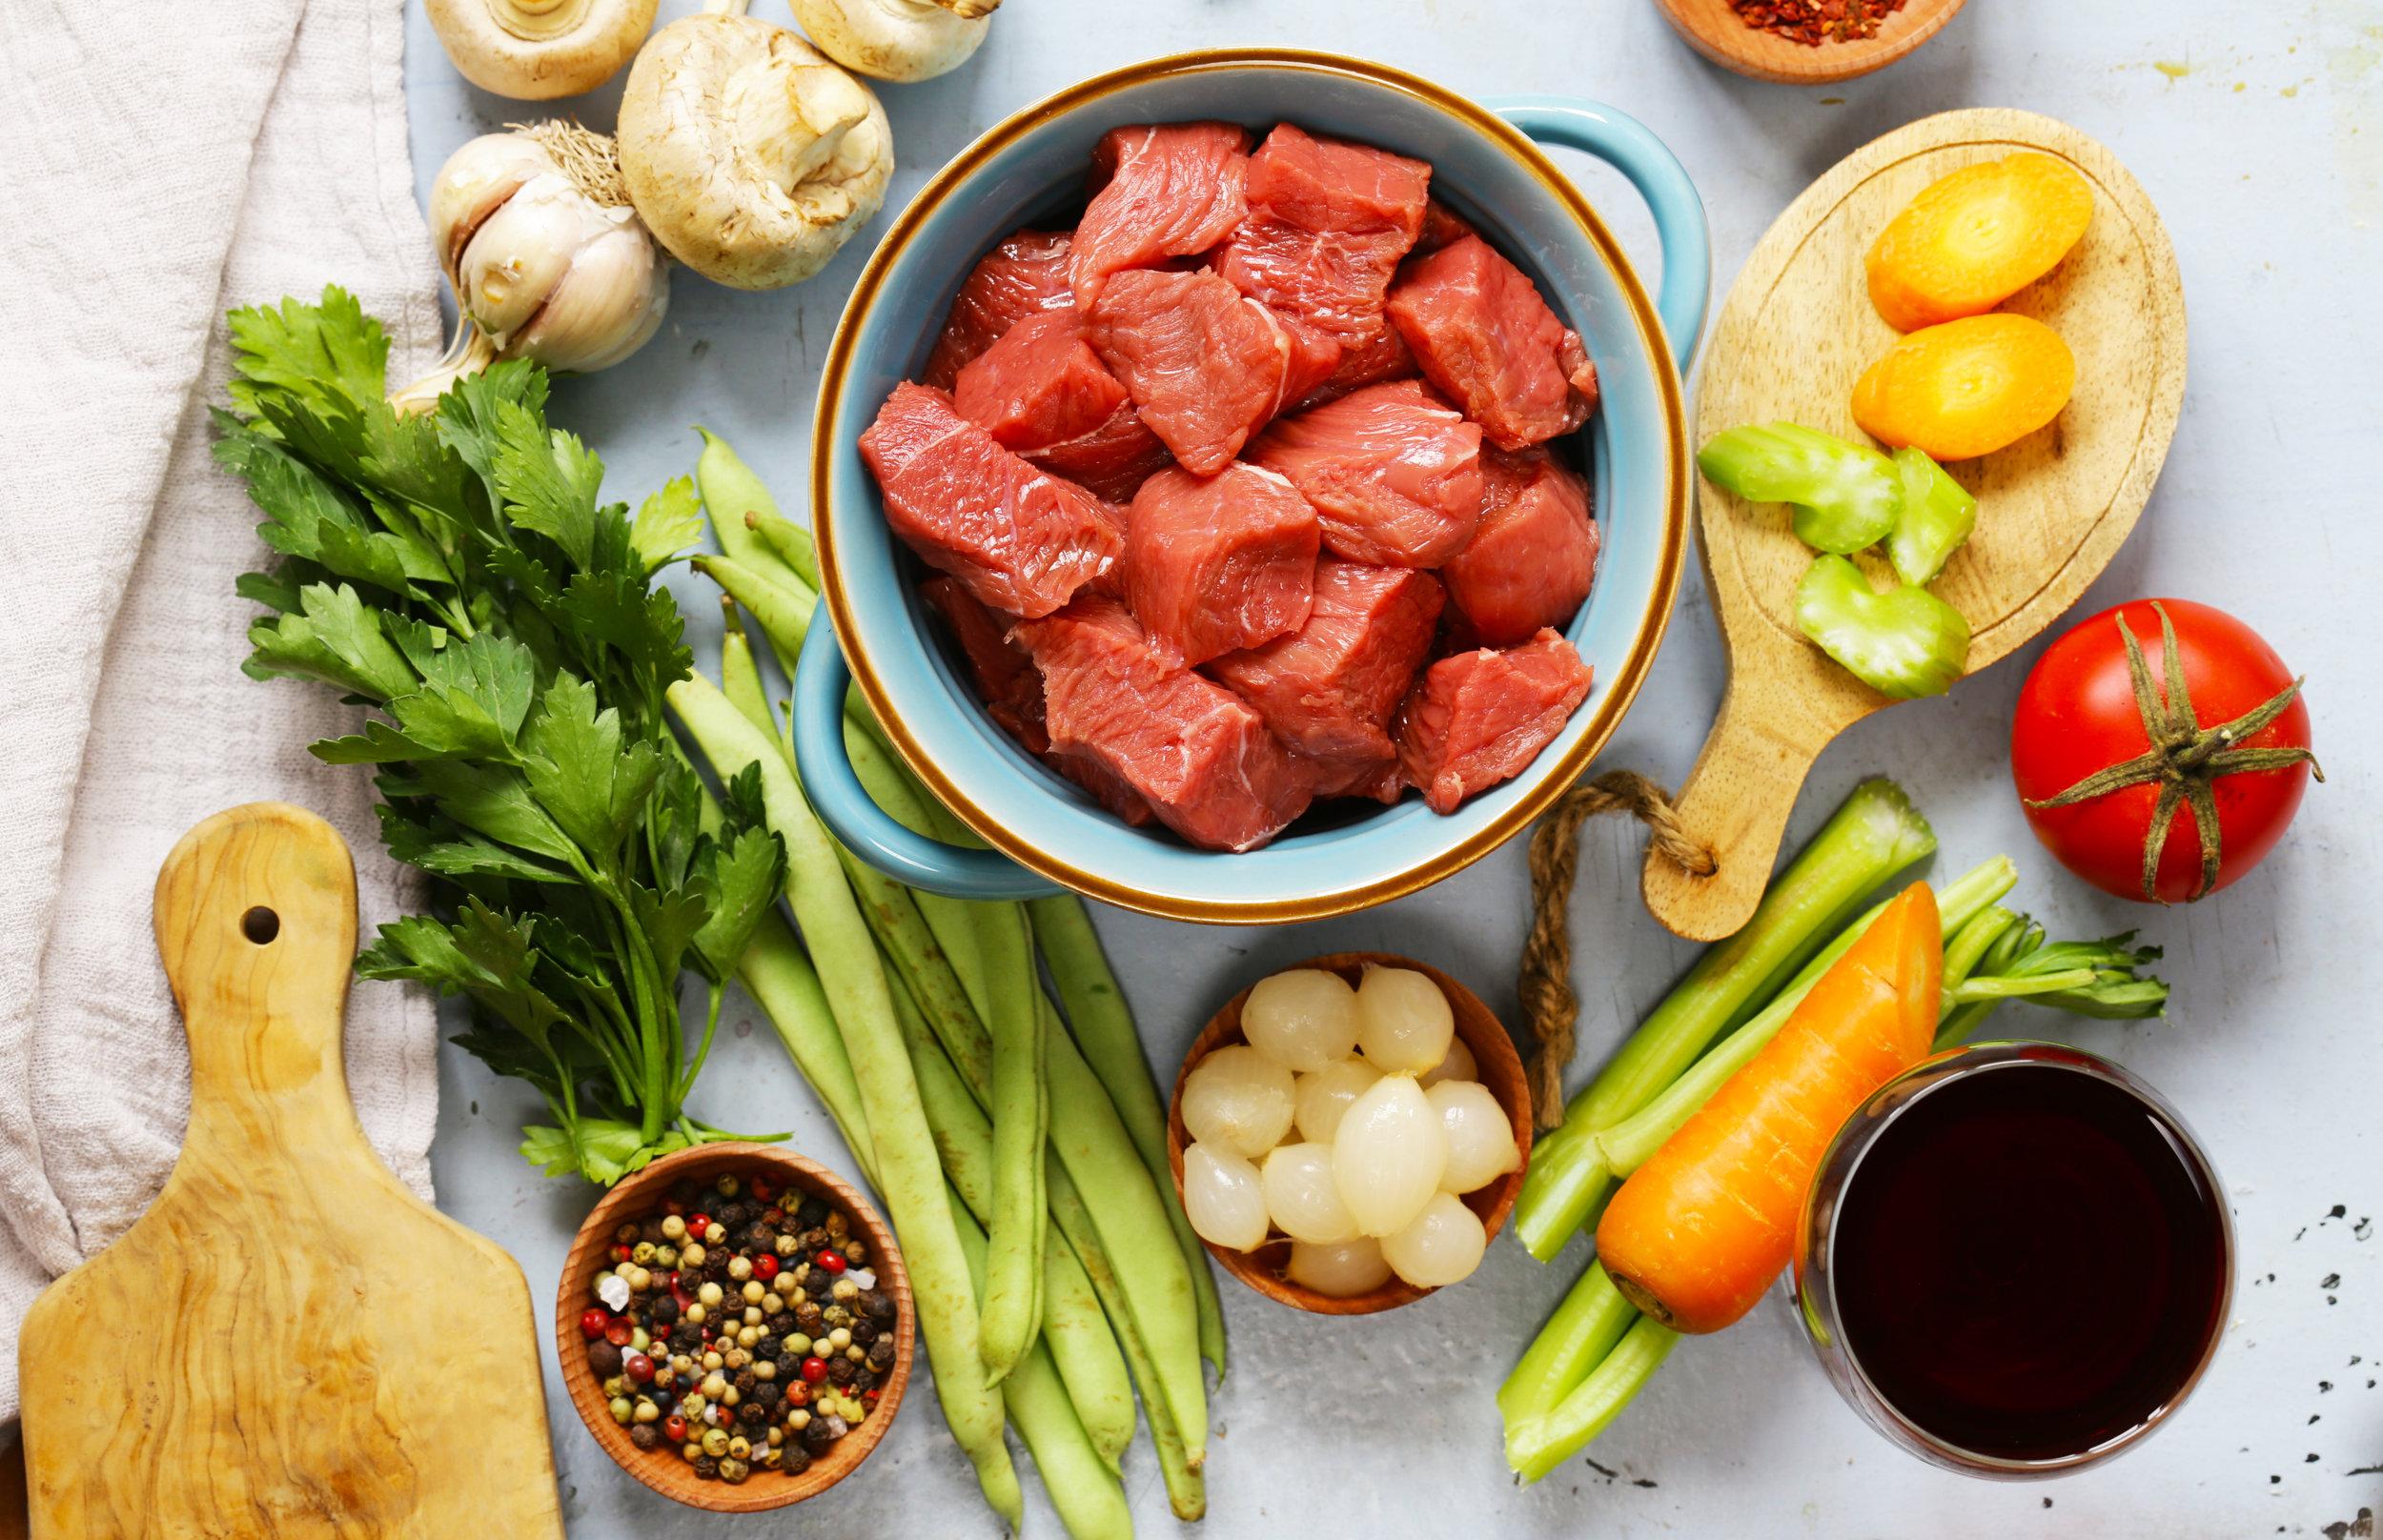 food-ingredients-PHHJREP.jpg